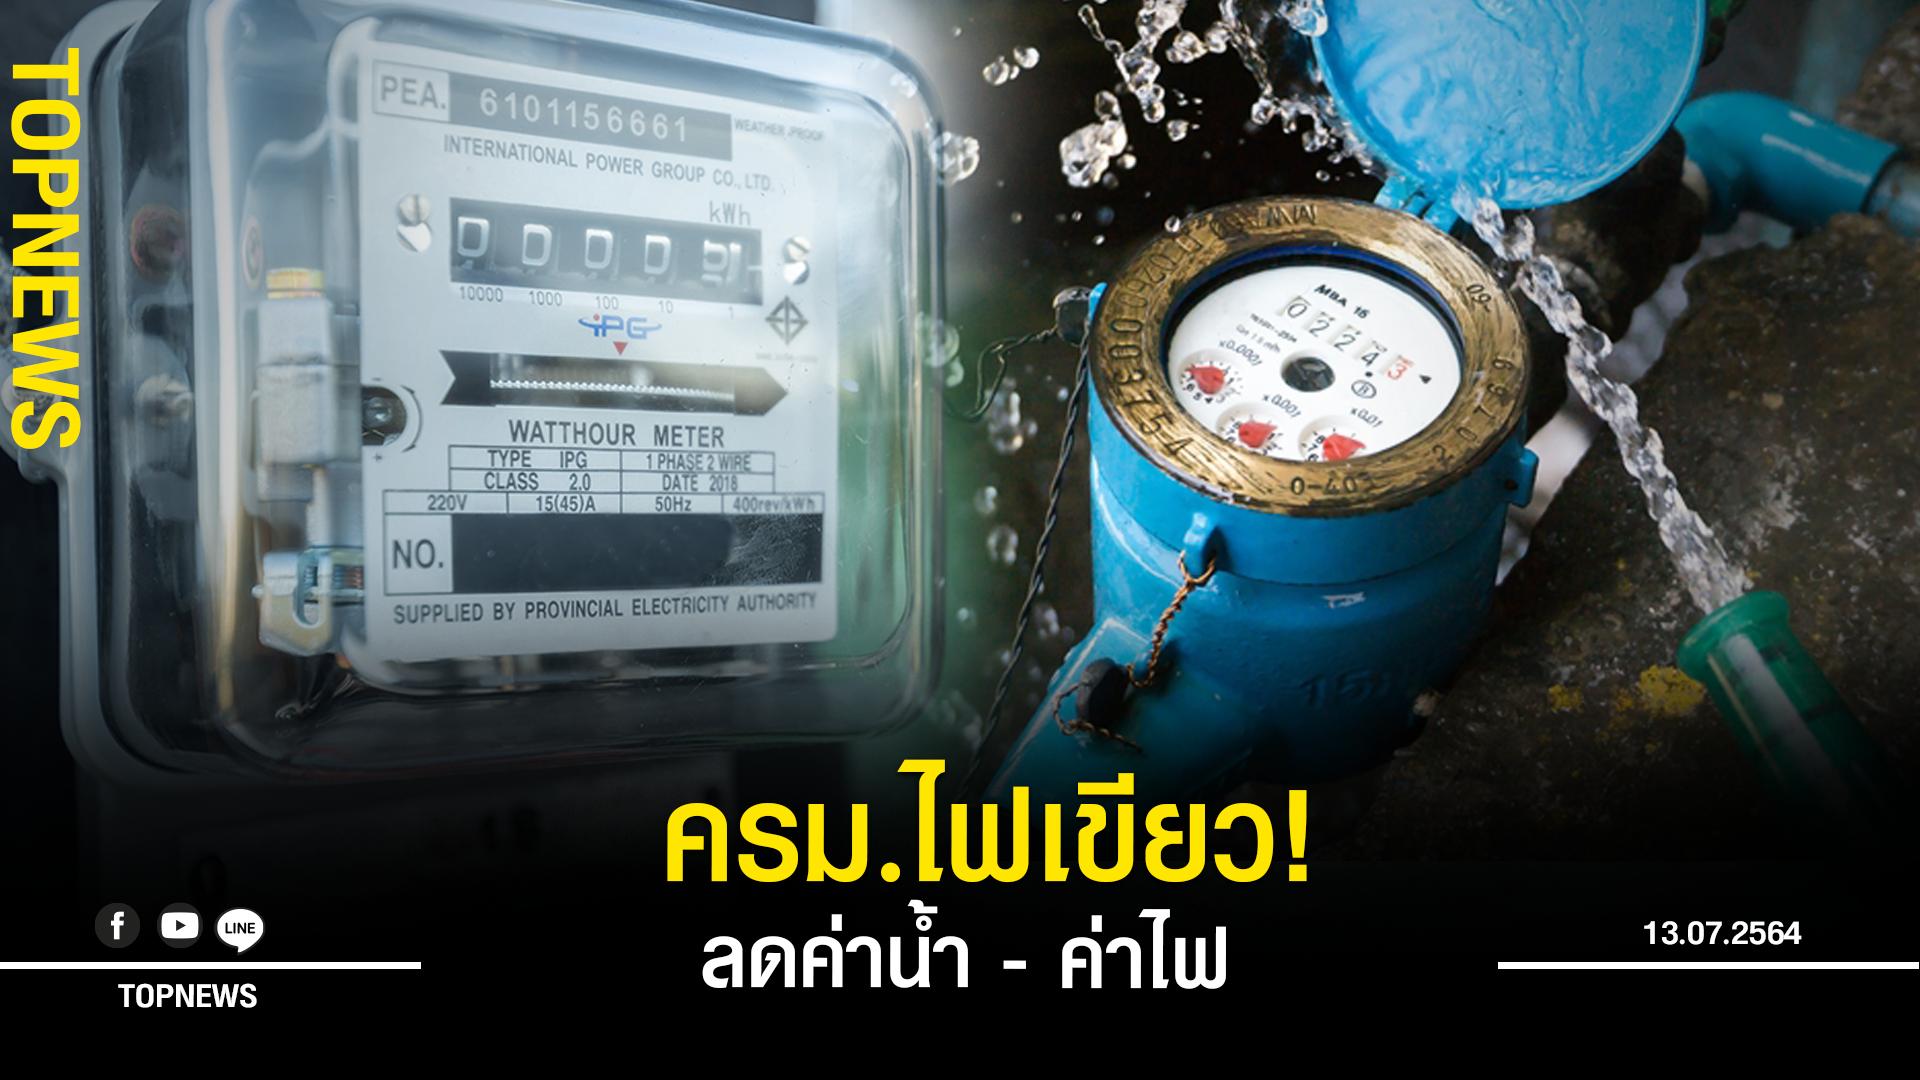 ครม.ไฟเขียว ลดค่าน้ำ – ค่าไฟทั่วประเทศ